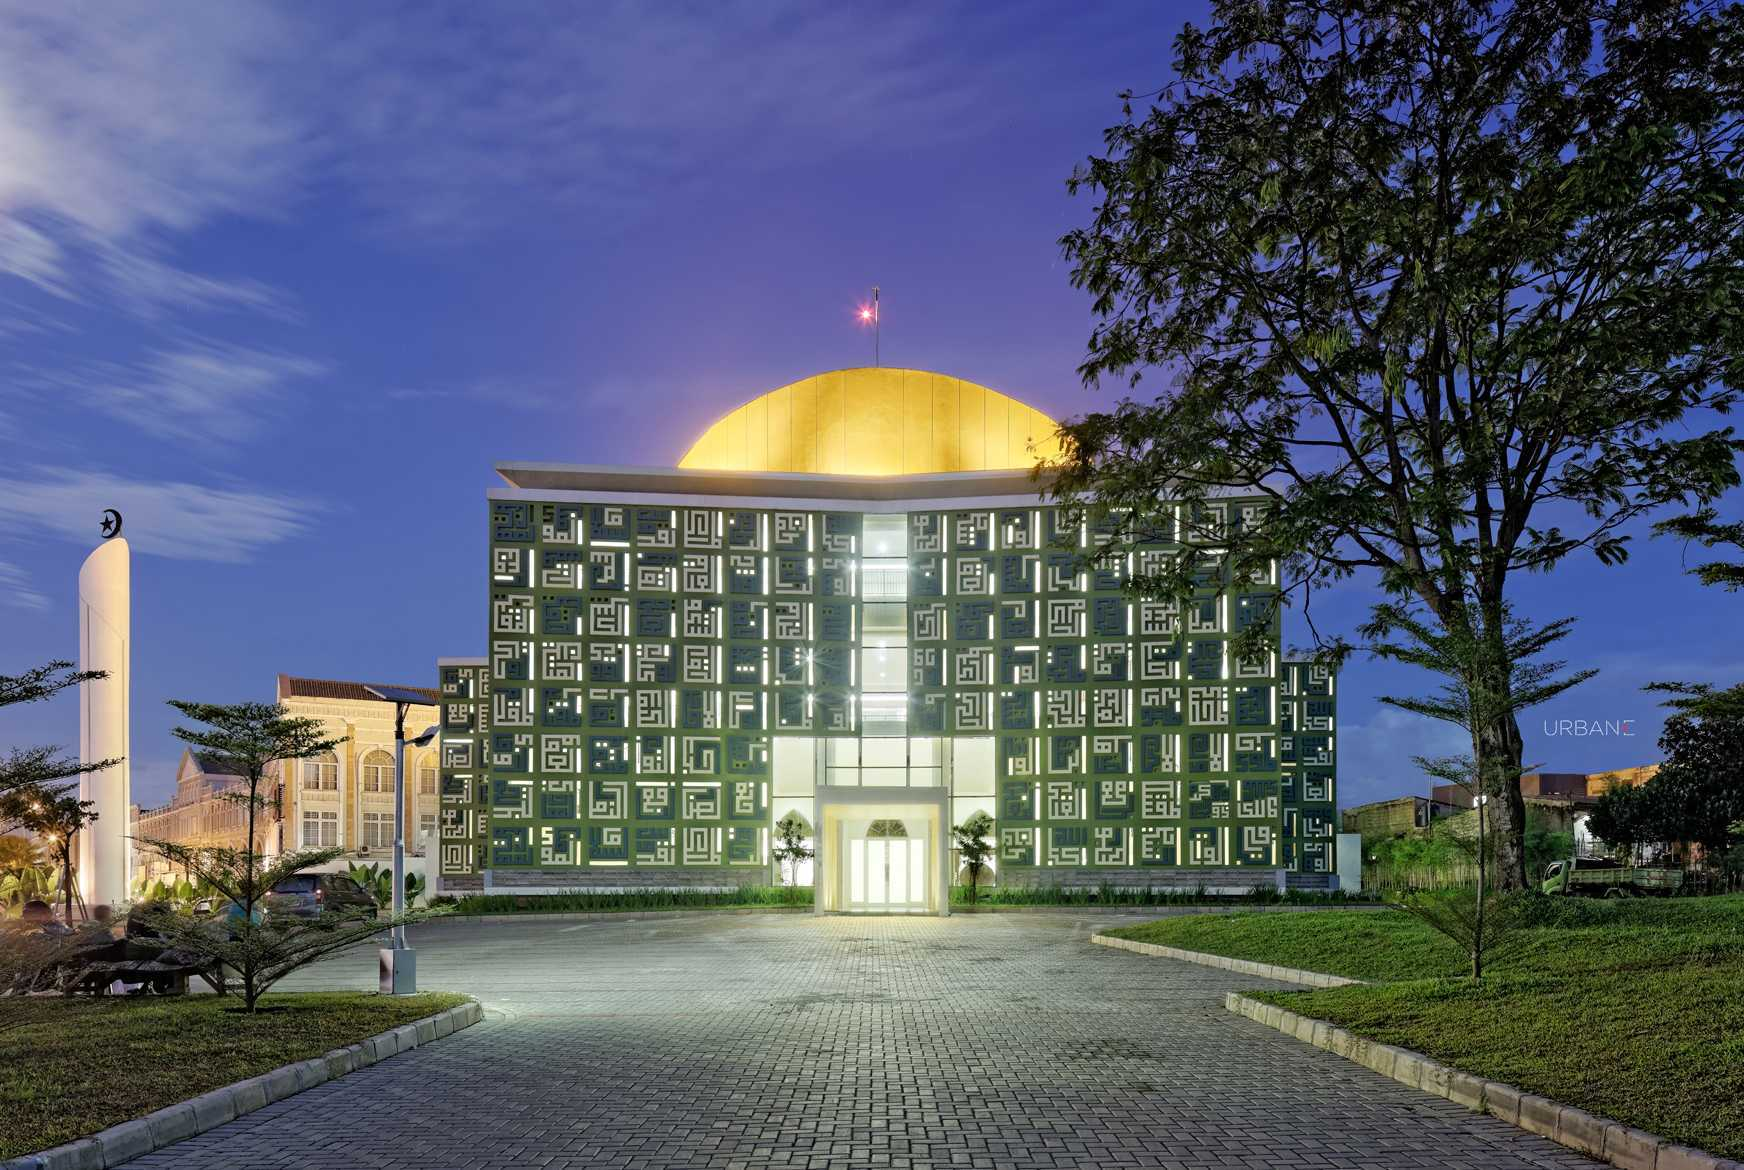 Pt. Urbane Indonesia Masjid Asmaul Husna Summarecon Serpong Serpong, Kota Tangerang Selatan, Banten, Indonesia Serpong, Kota Tangerang Selatan, Banten, Indonesia Front View At Night Kontemporer  52828